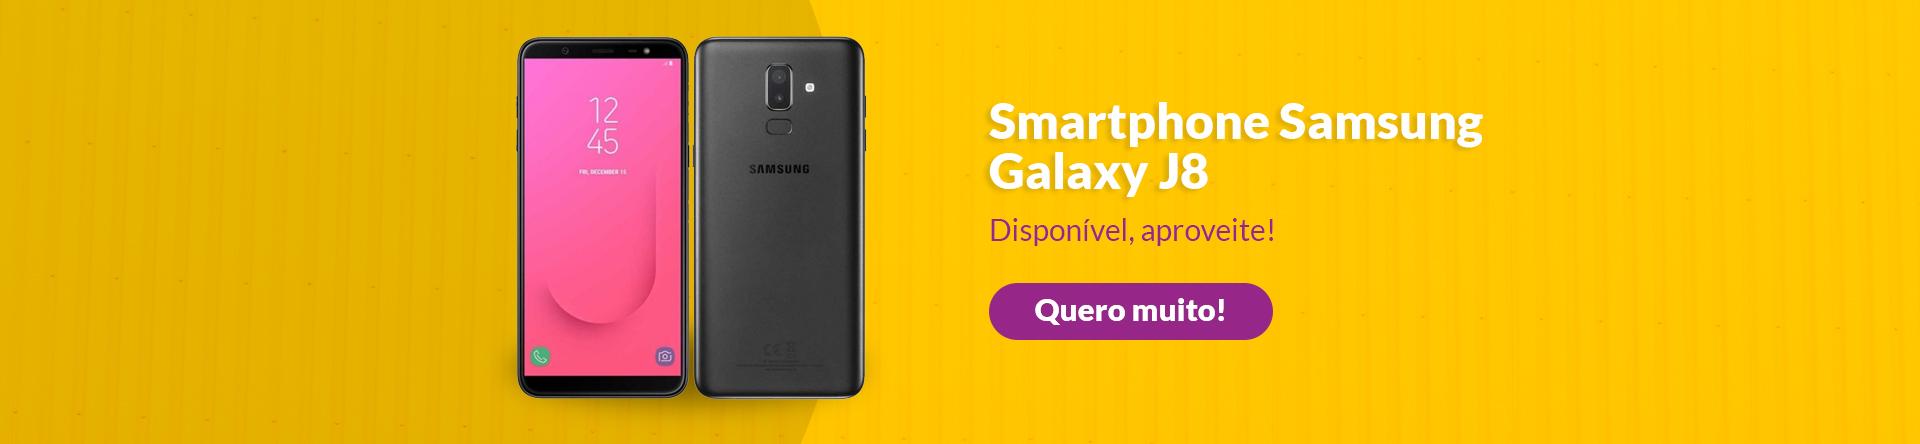 Galaxy J8